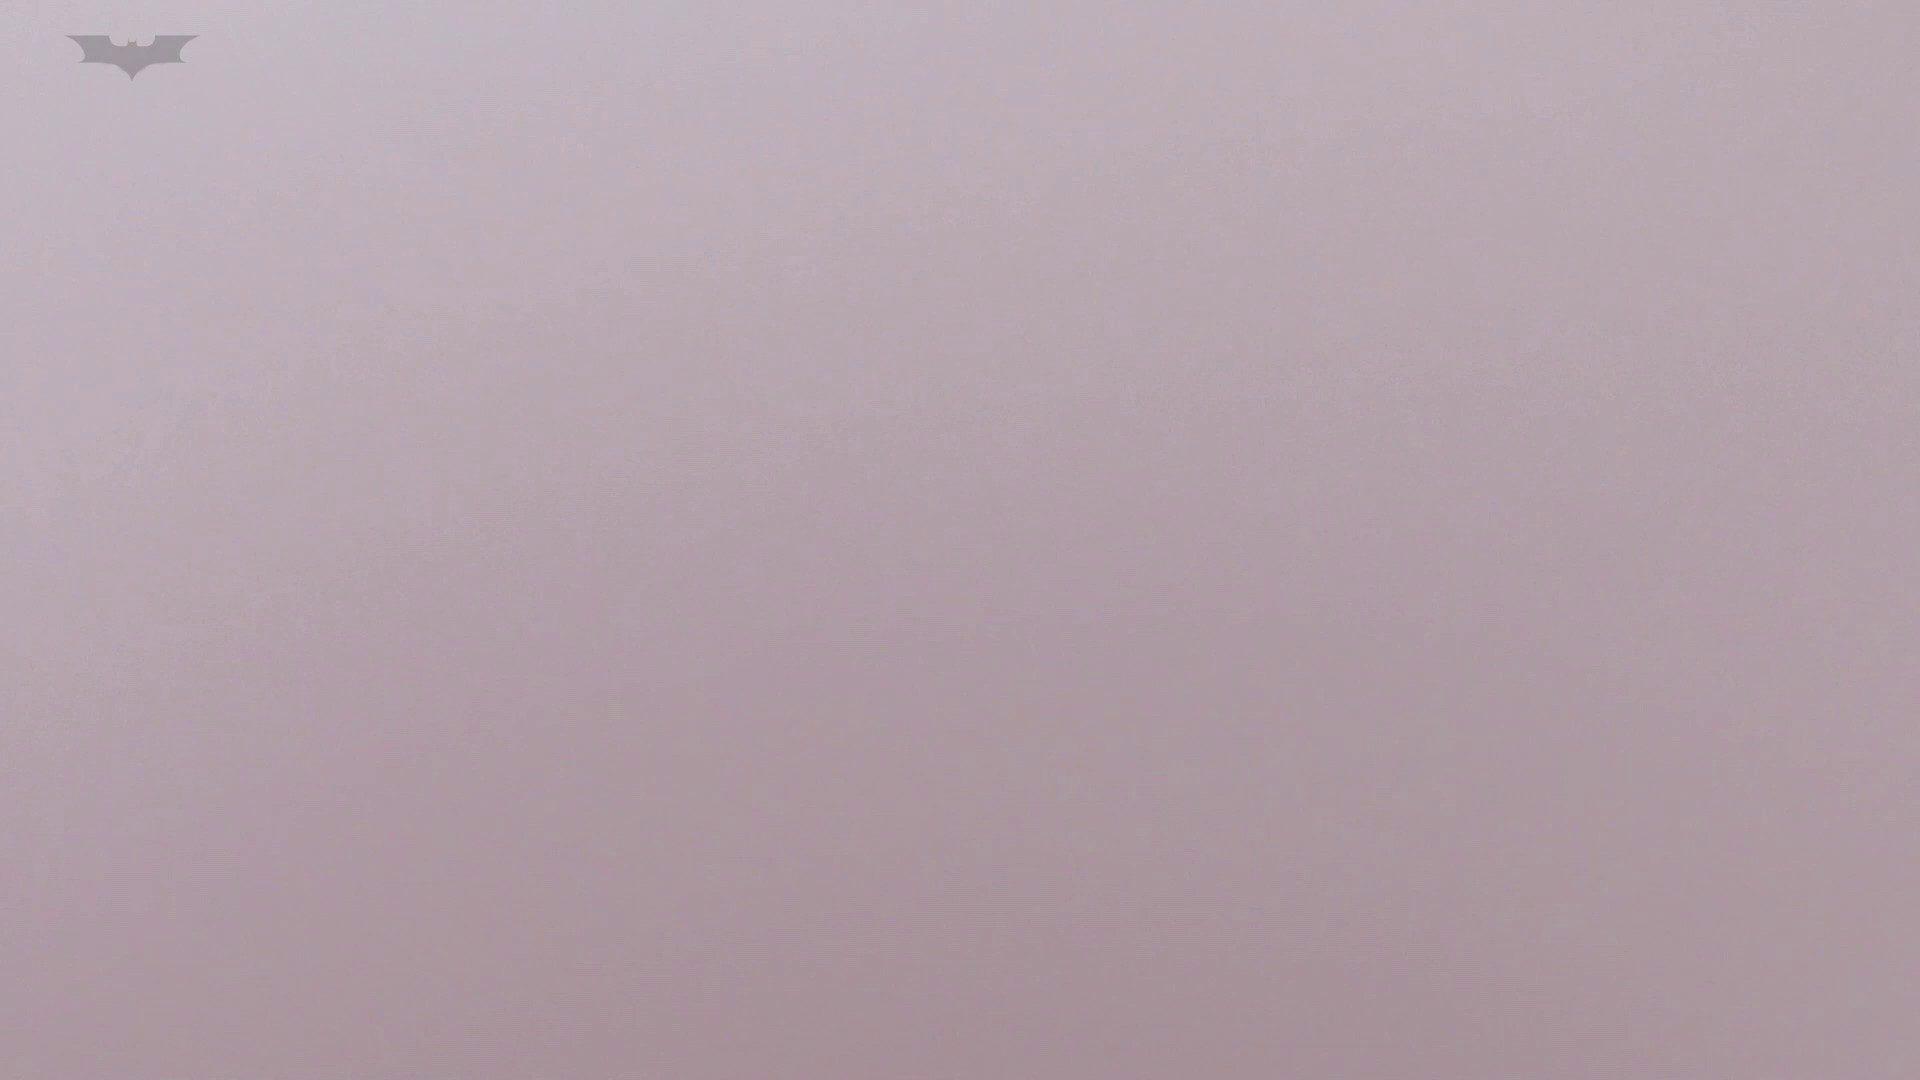 お銀 vol.79 化粧室では、高確率で素の女性がみられます!! 丸見え おめこ無修正動画無料 92枚 3